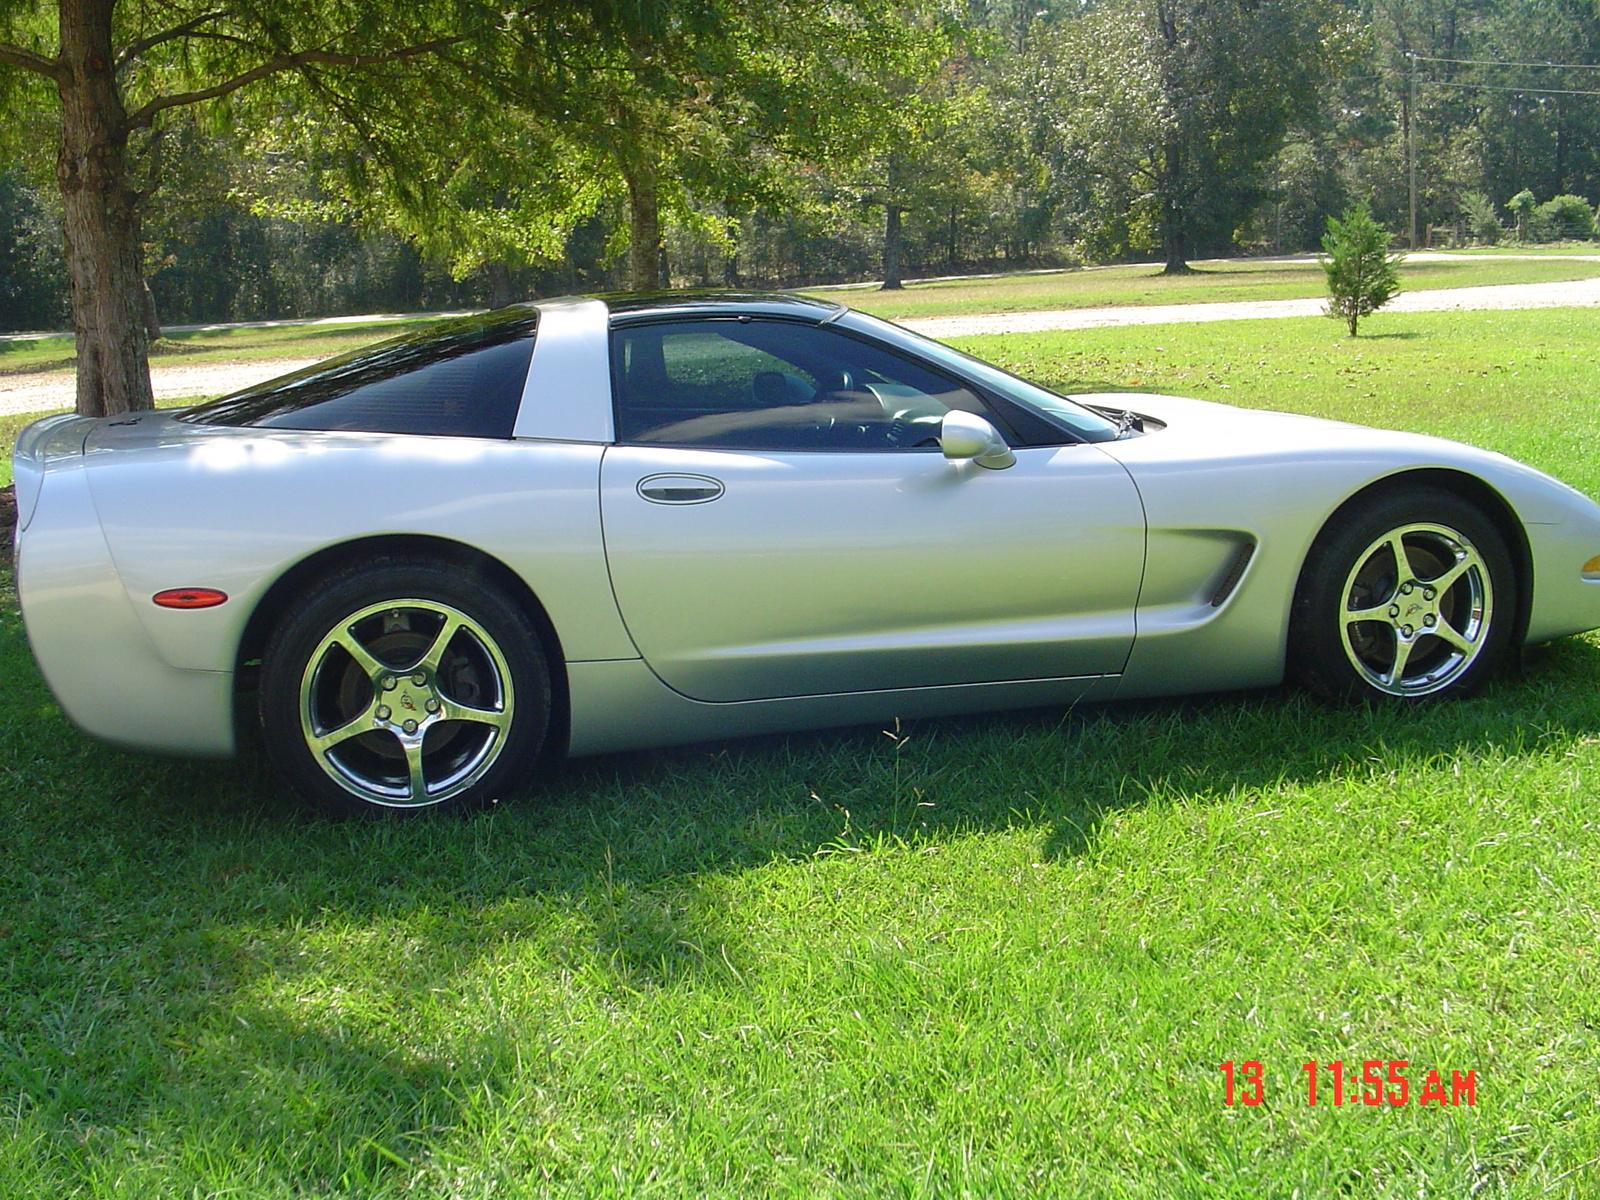 2001 Chevrolet Corvette Pictures Cargurus